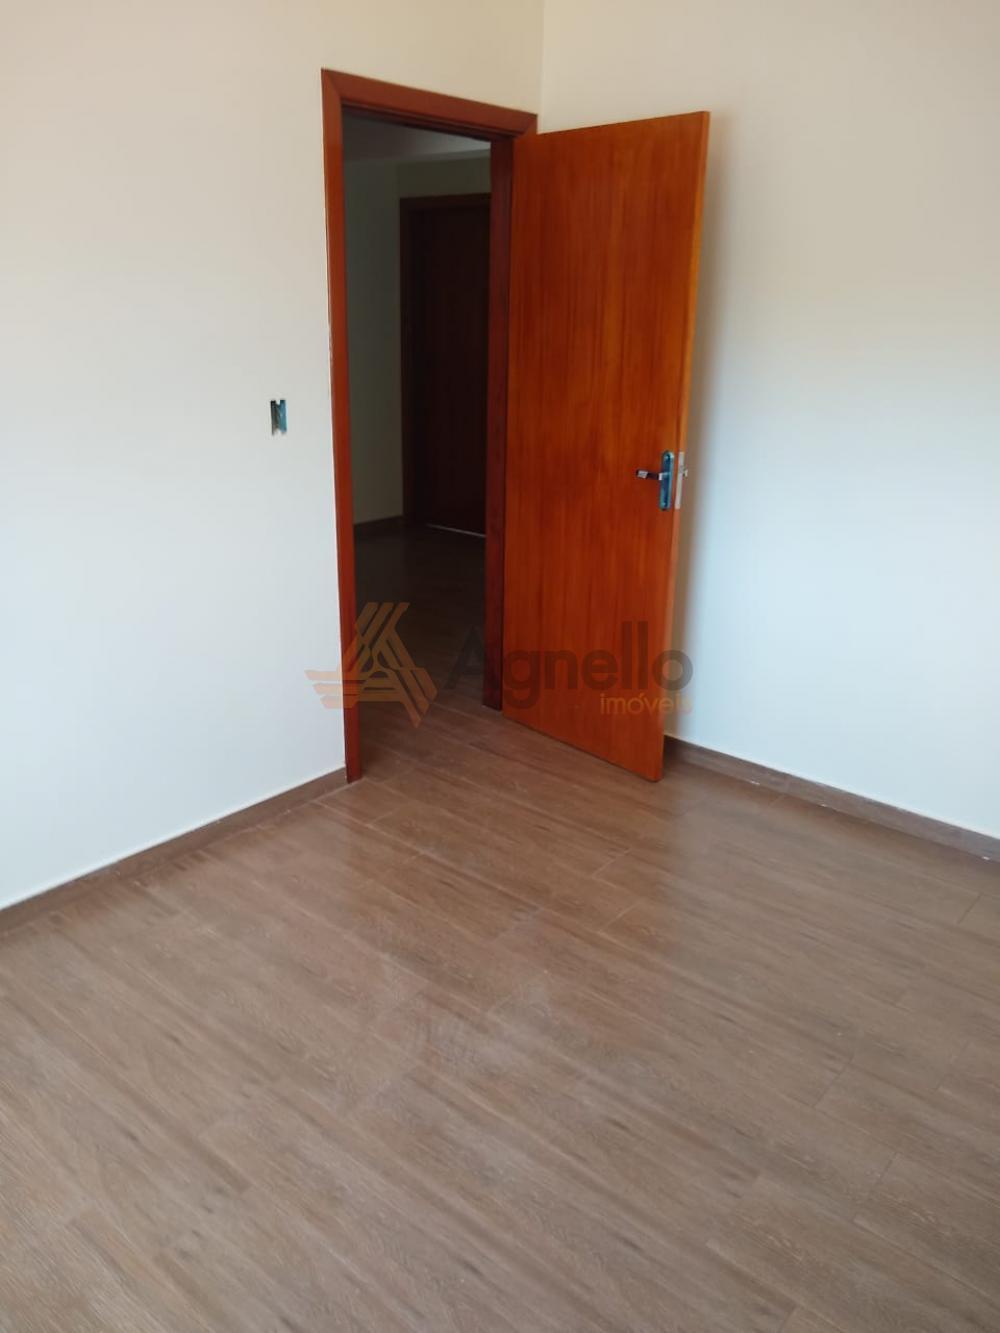 Comprar Casa / Padrão em Franca apenas R$ 550.000,00 - Foto 3